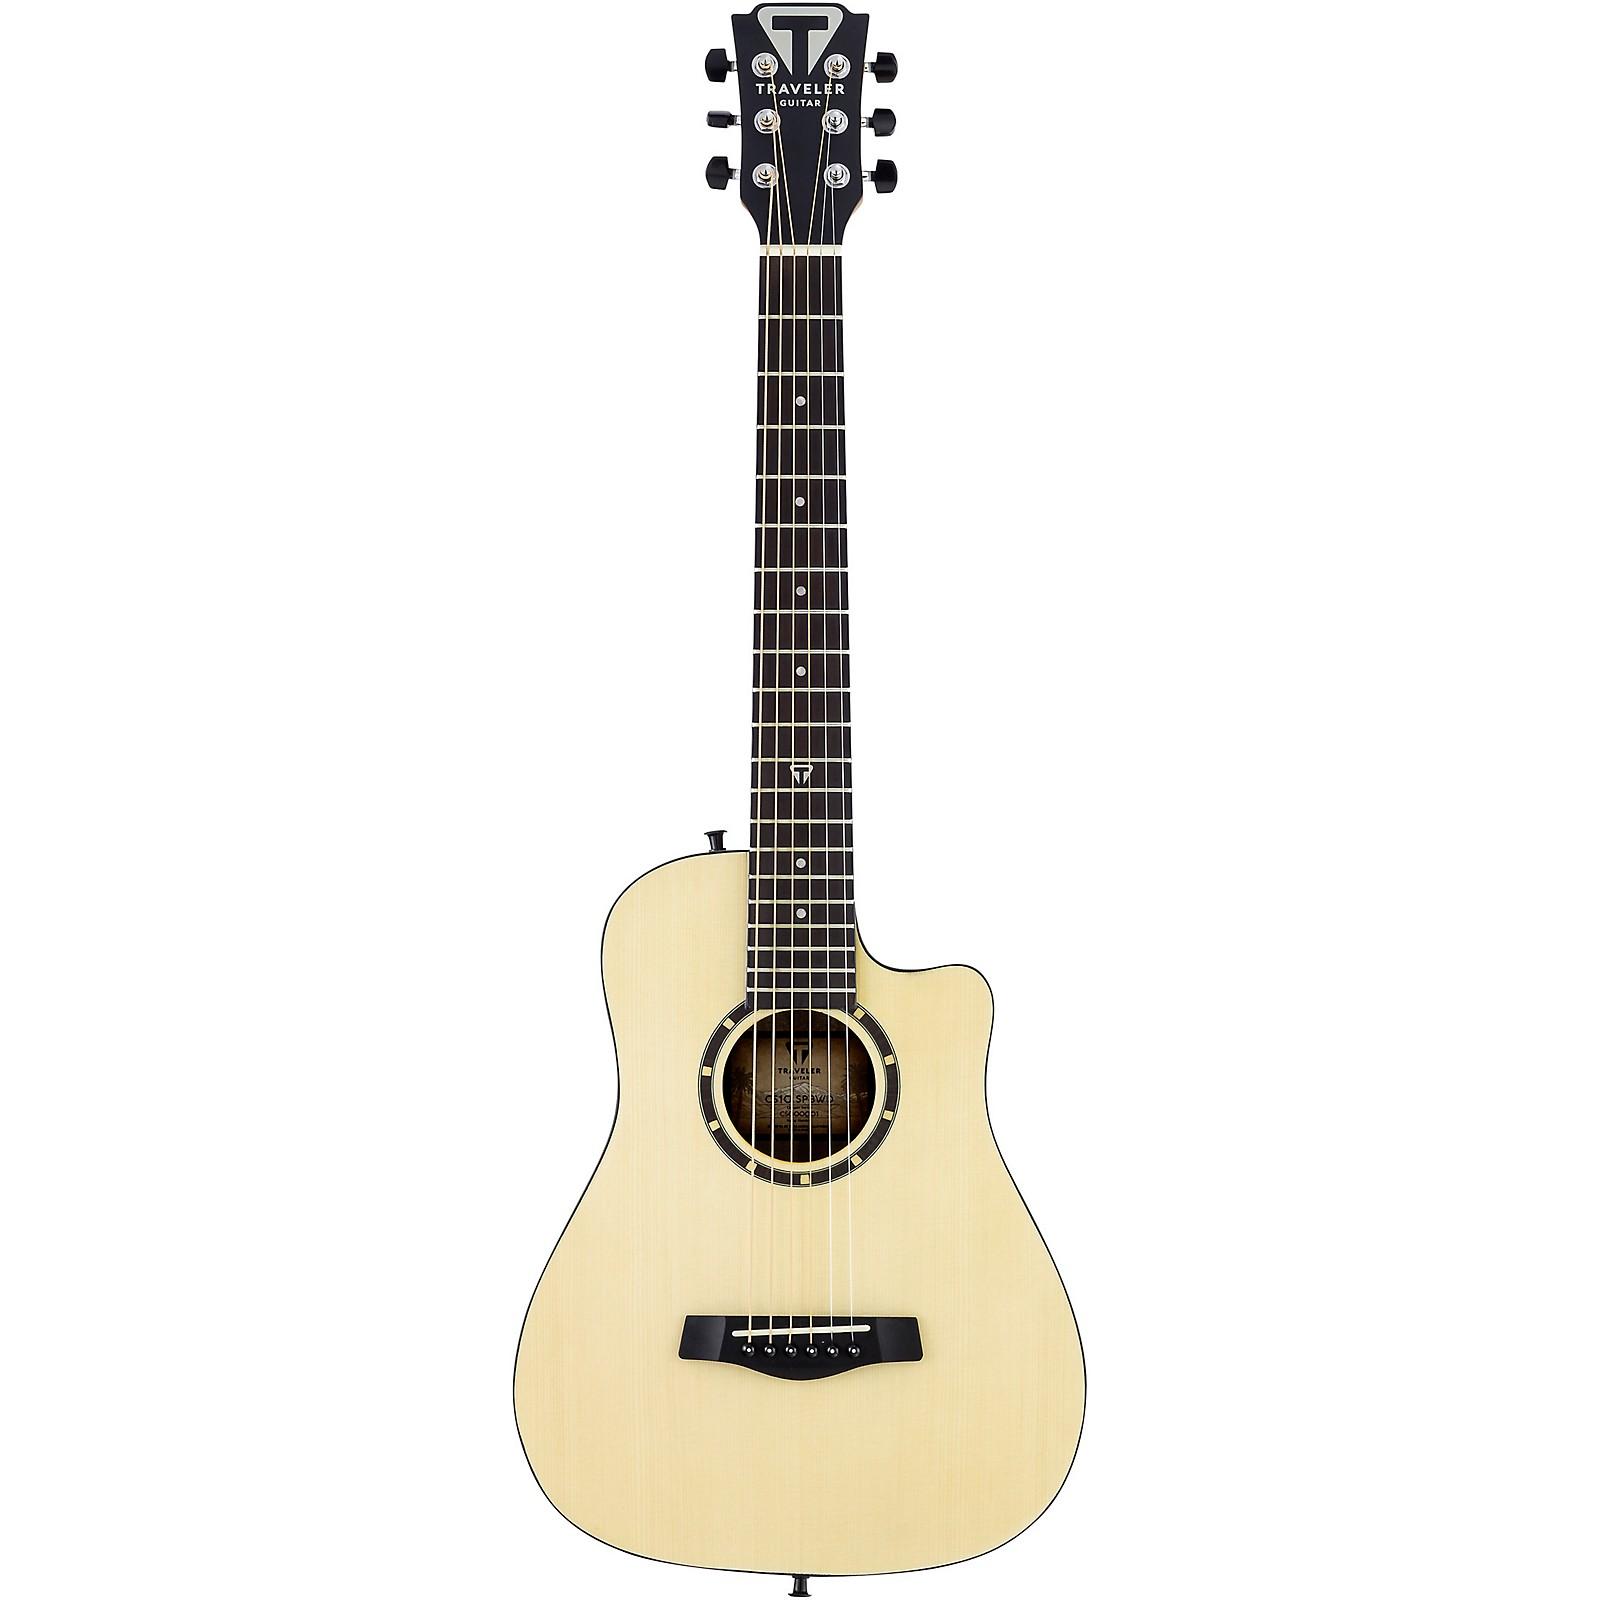 Traveler Guitar Camper Series CS10 Acoustic Travel Guitar